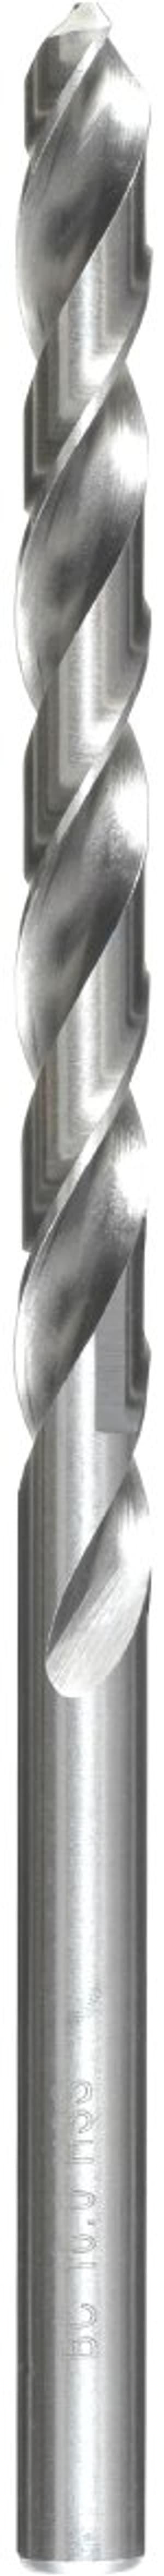 HSS Spiralbohrer, 139/90 mm, ø 6.0 mm